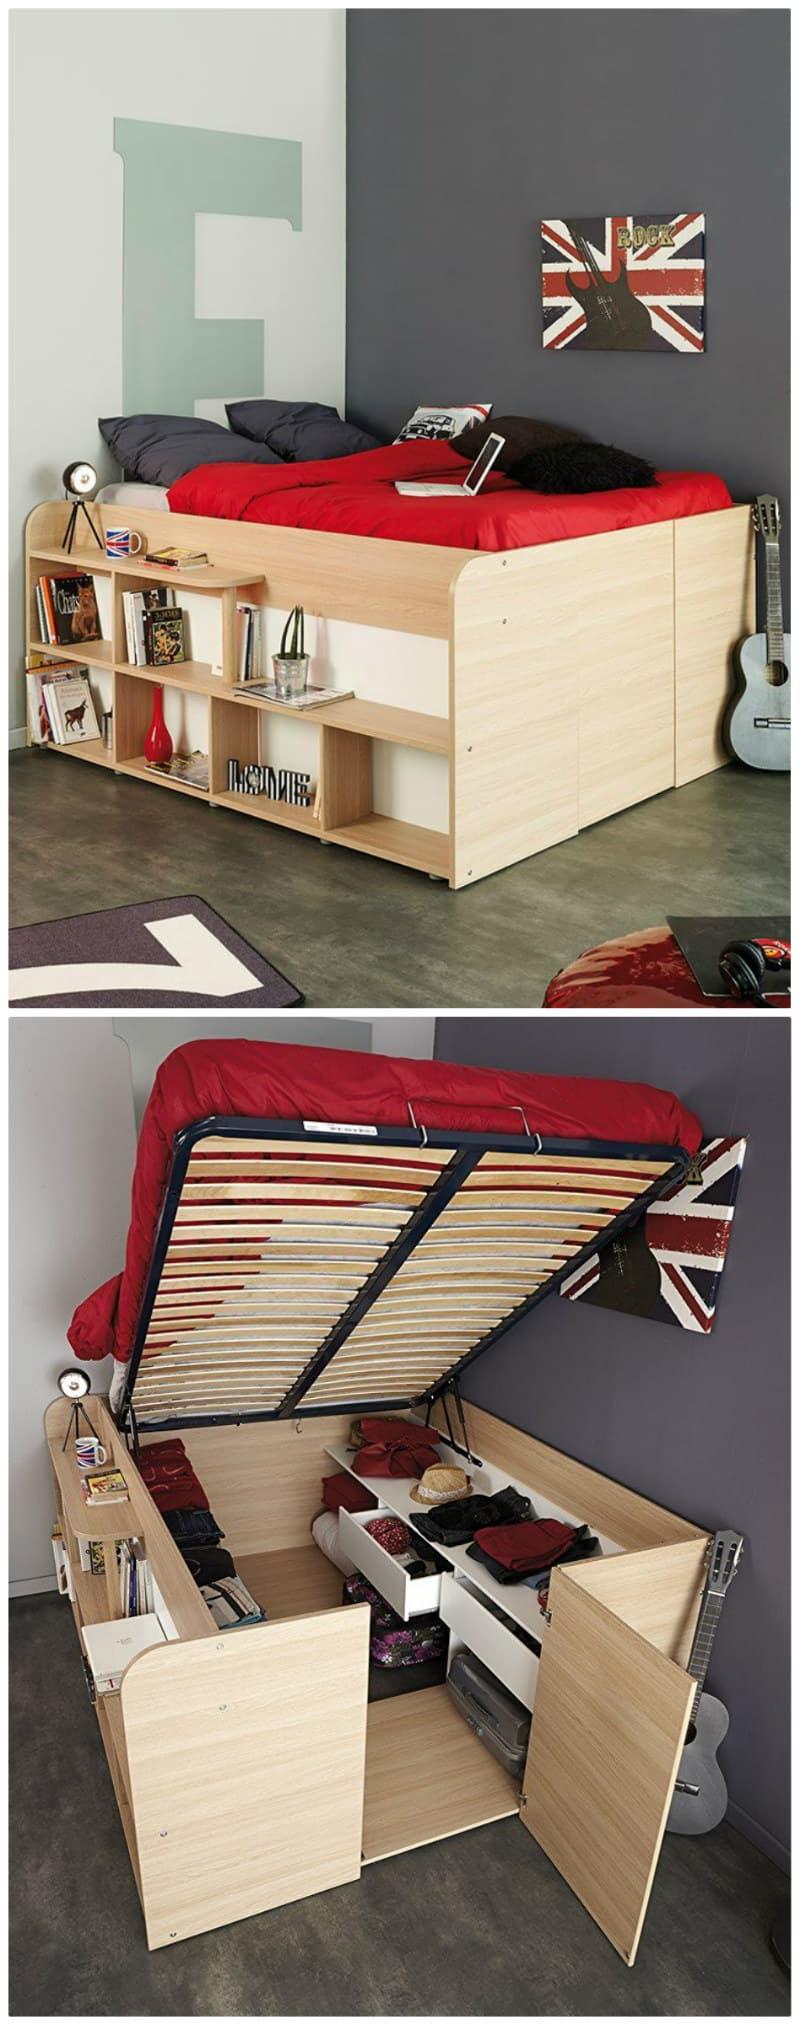 parisot-storage-bed